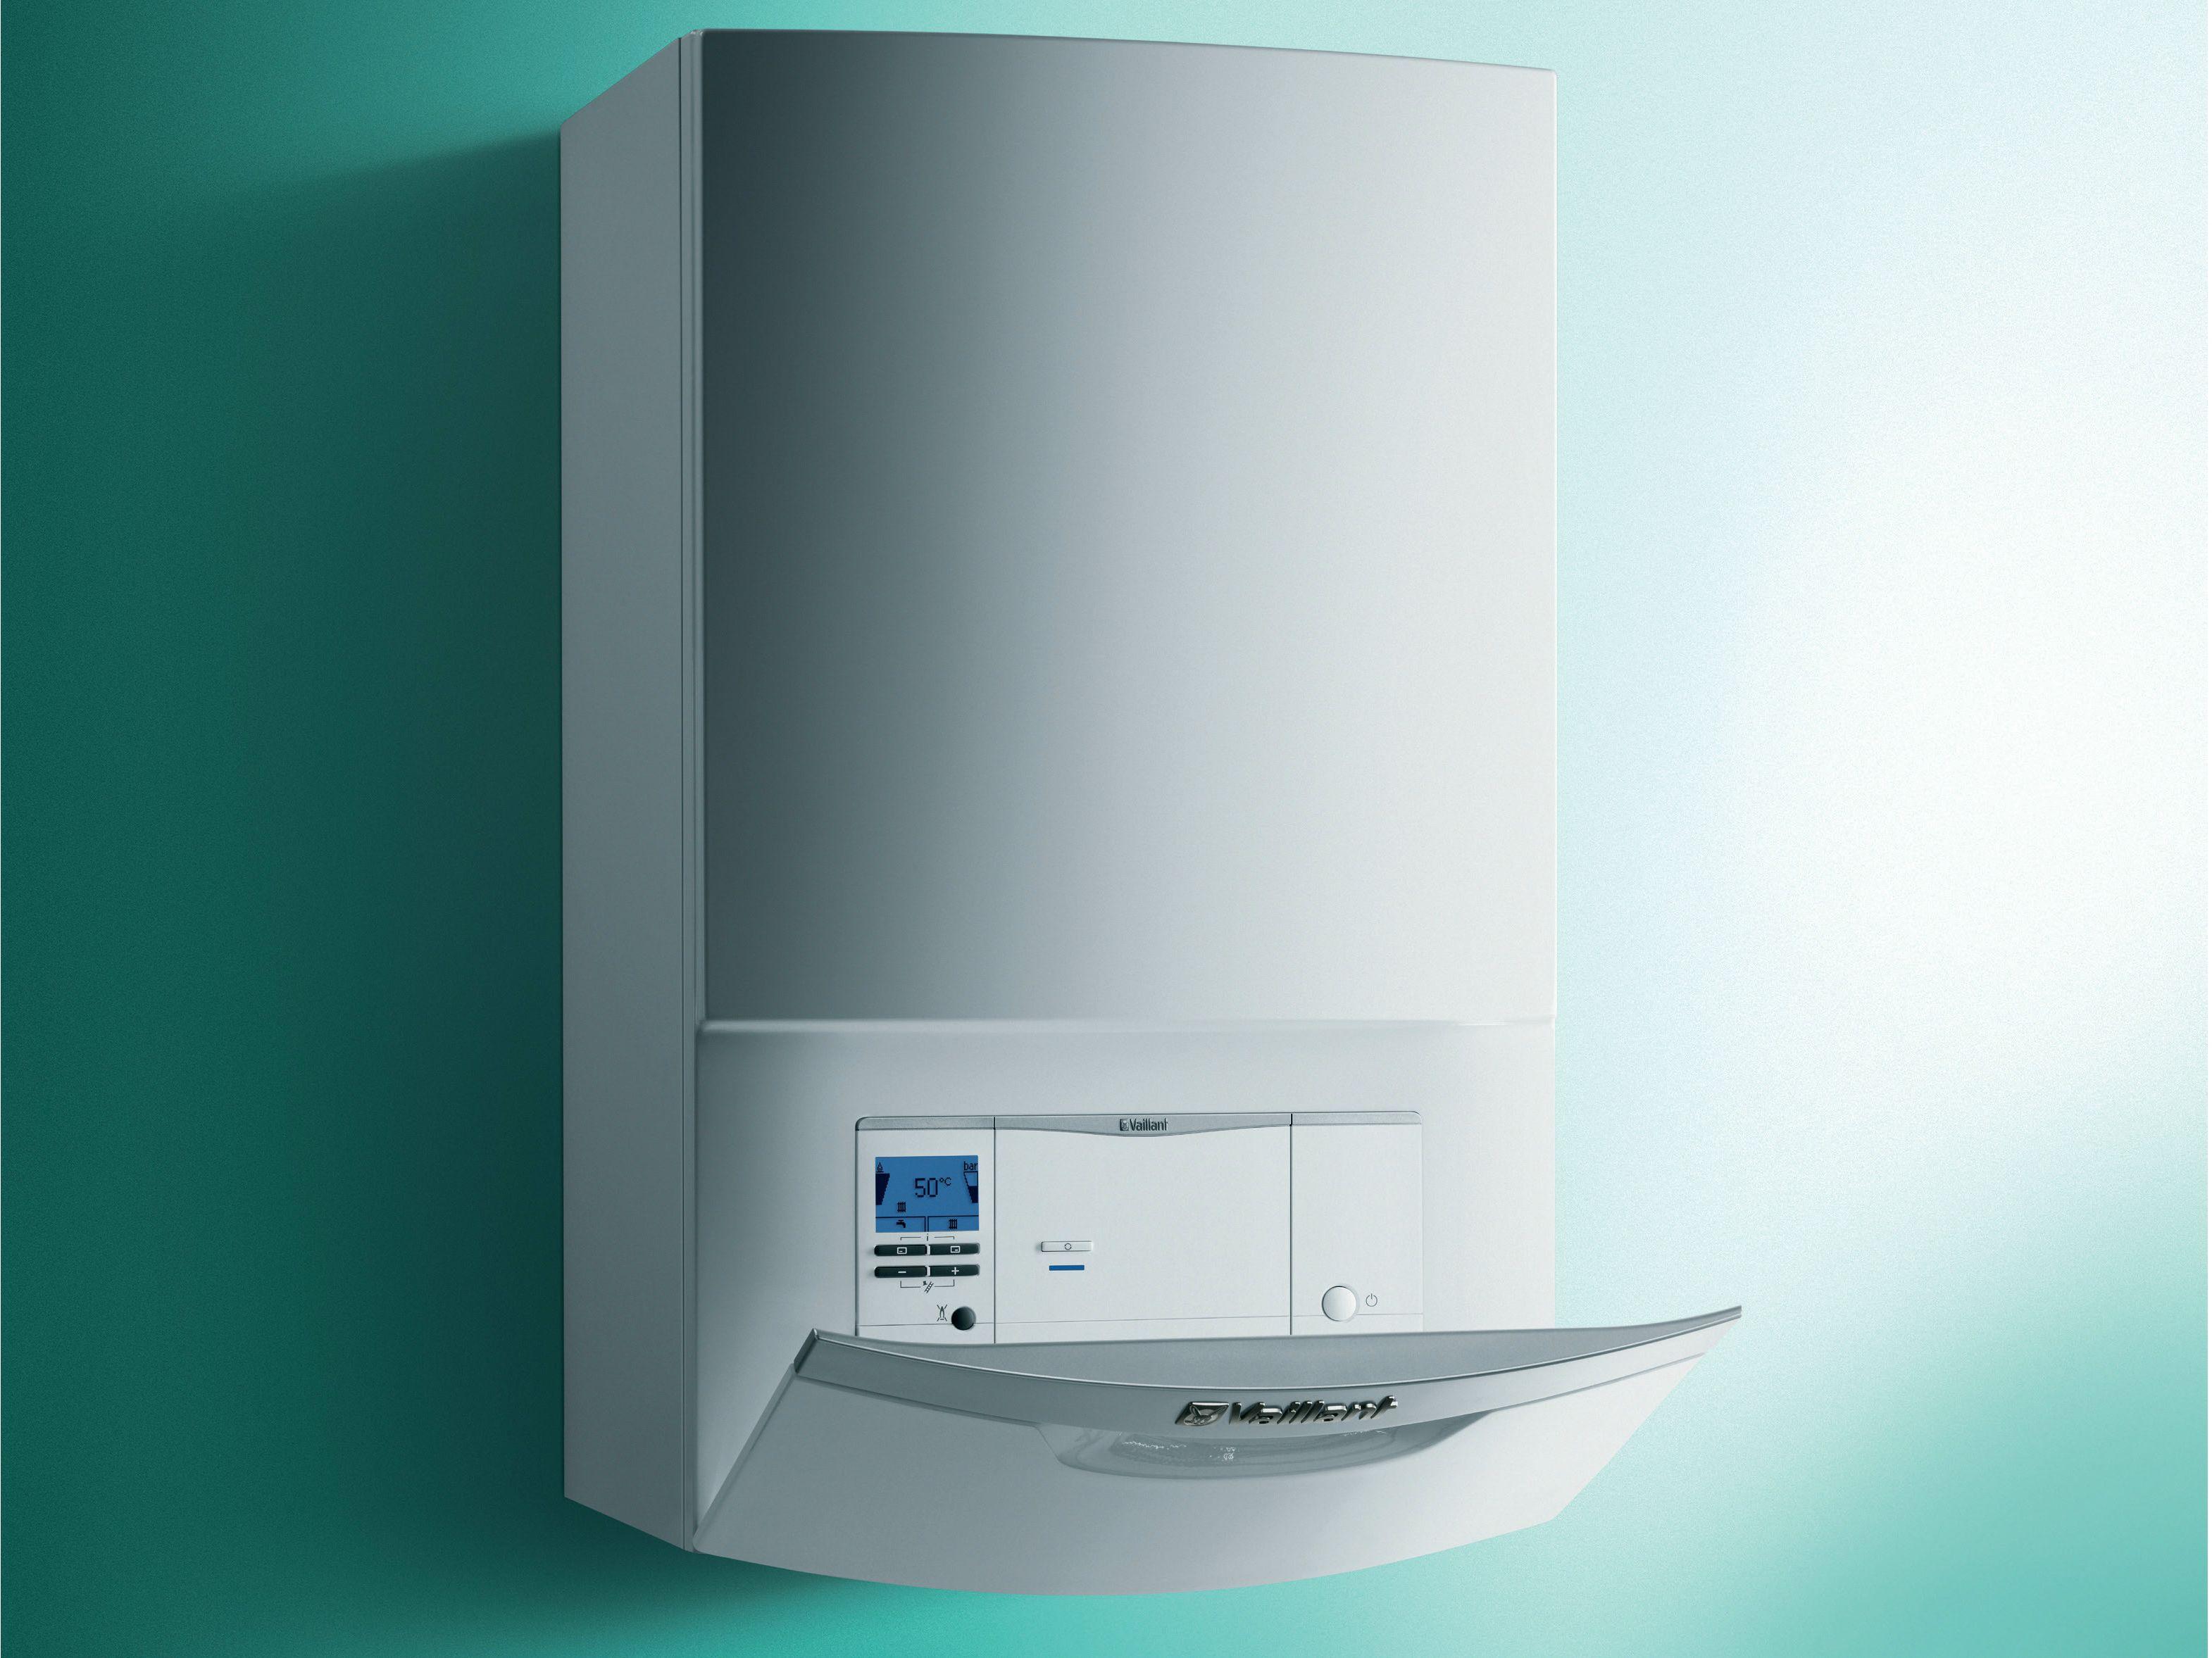 Prezzi Caldaia Vaillant  caldaie a condensazione vaillant prezzi modificare una, offerta ...